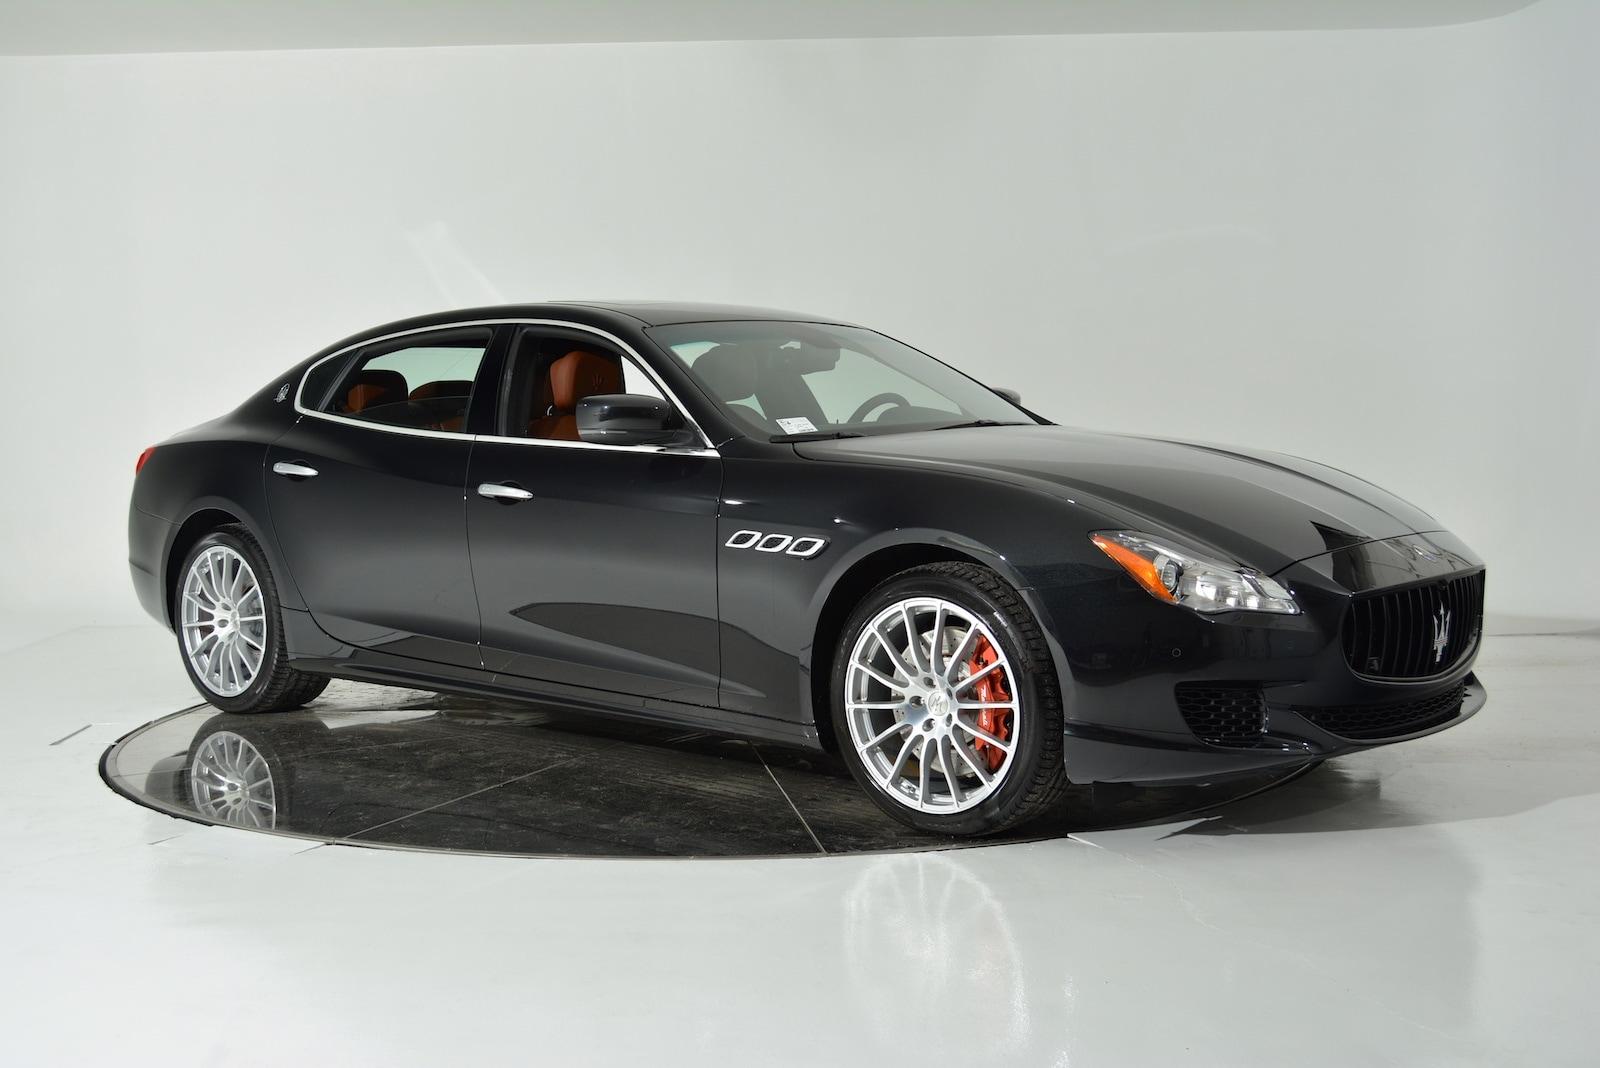 New 2015 Maserati Quattroporte Gts For Sale Fort